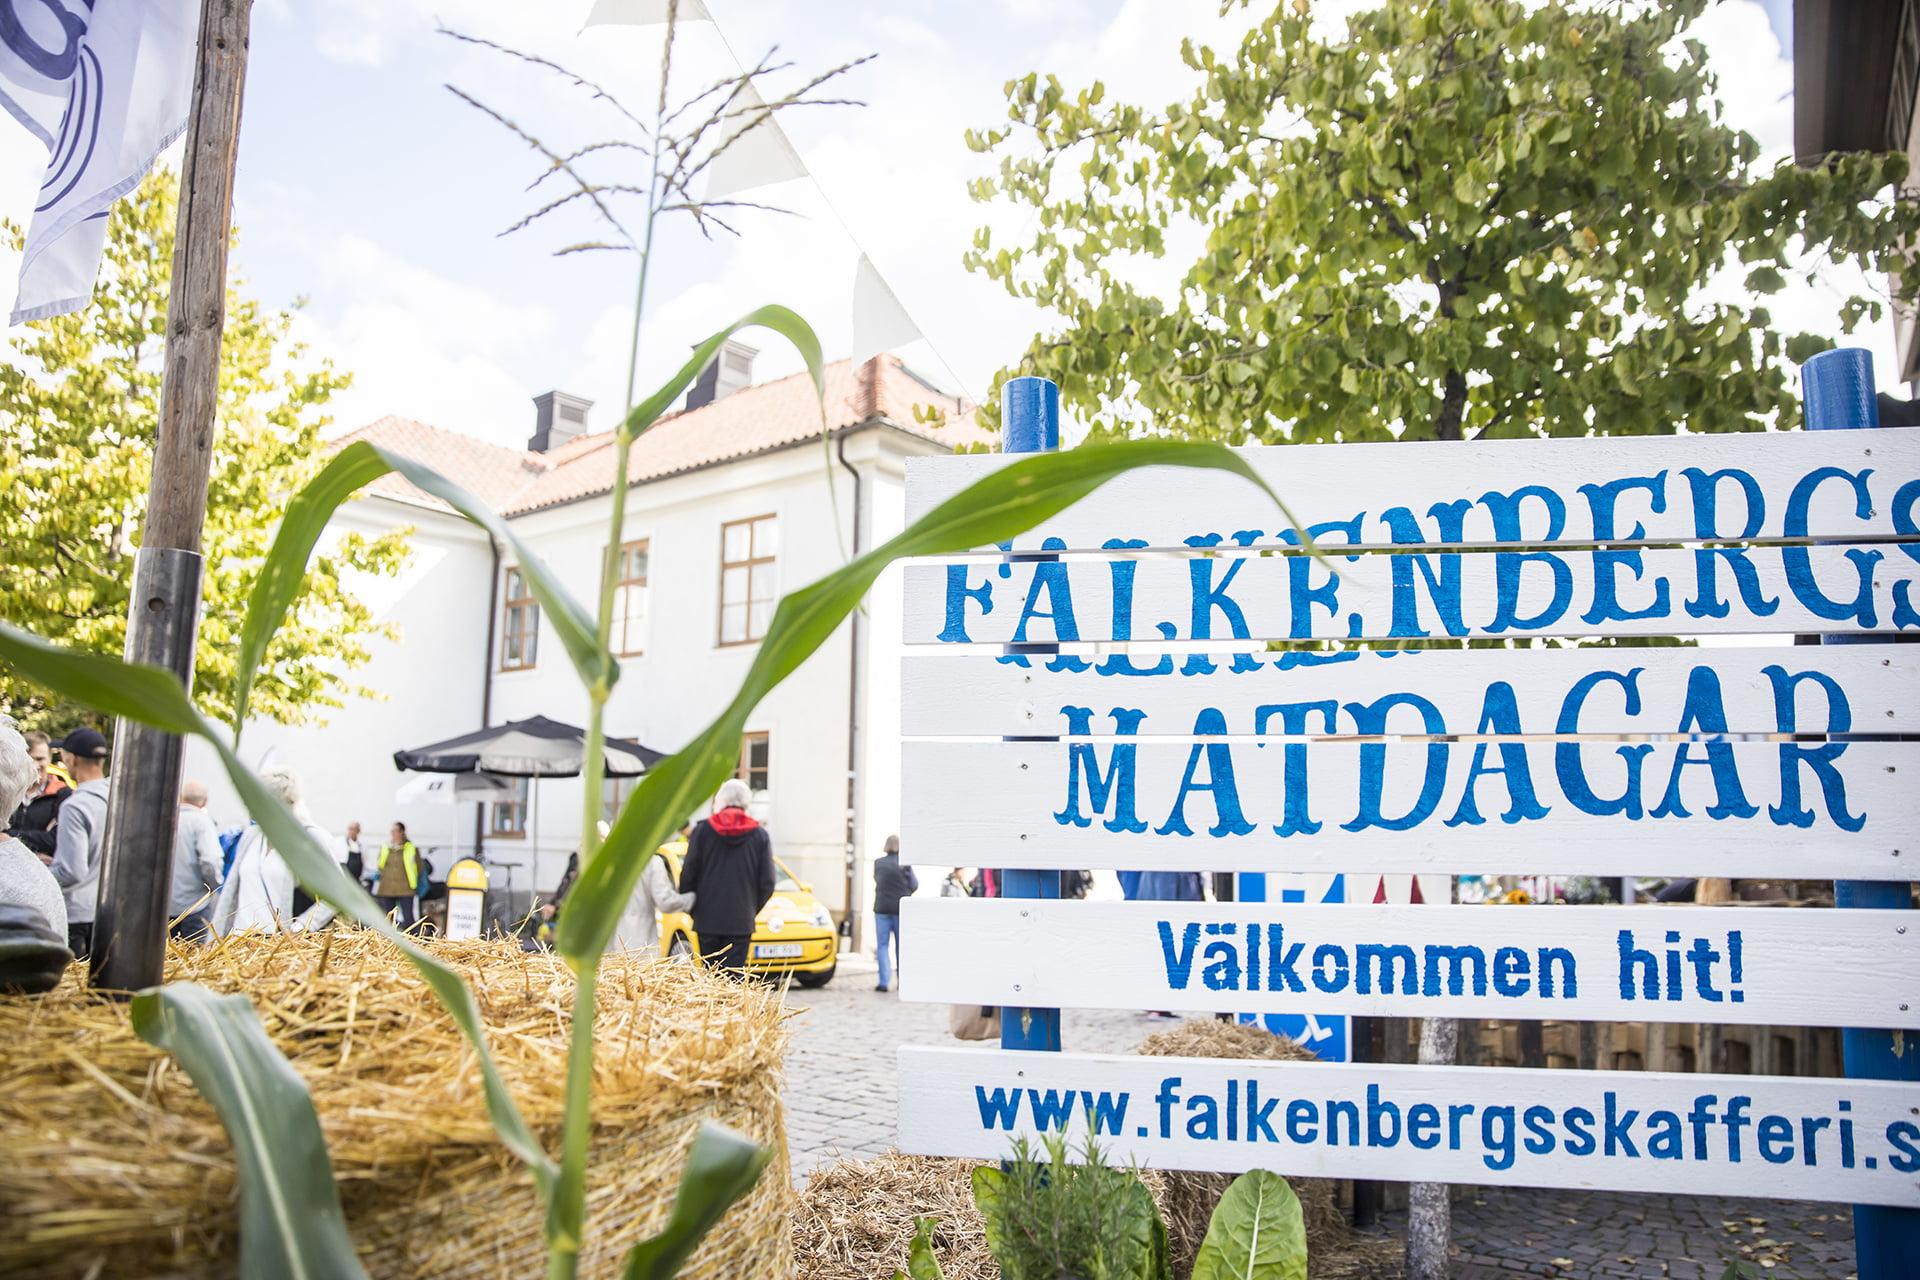 Skylt med texten Falkenbergs Matdagar.